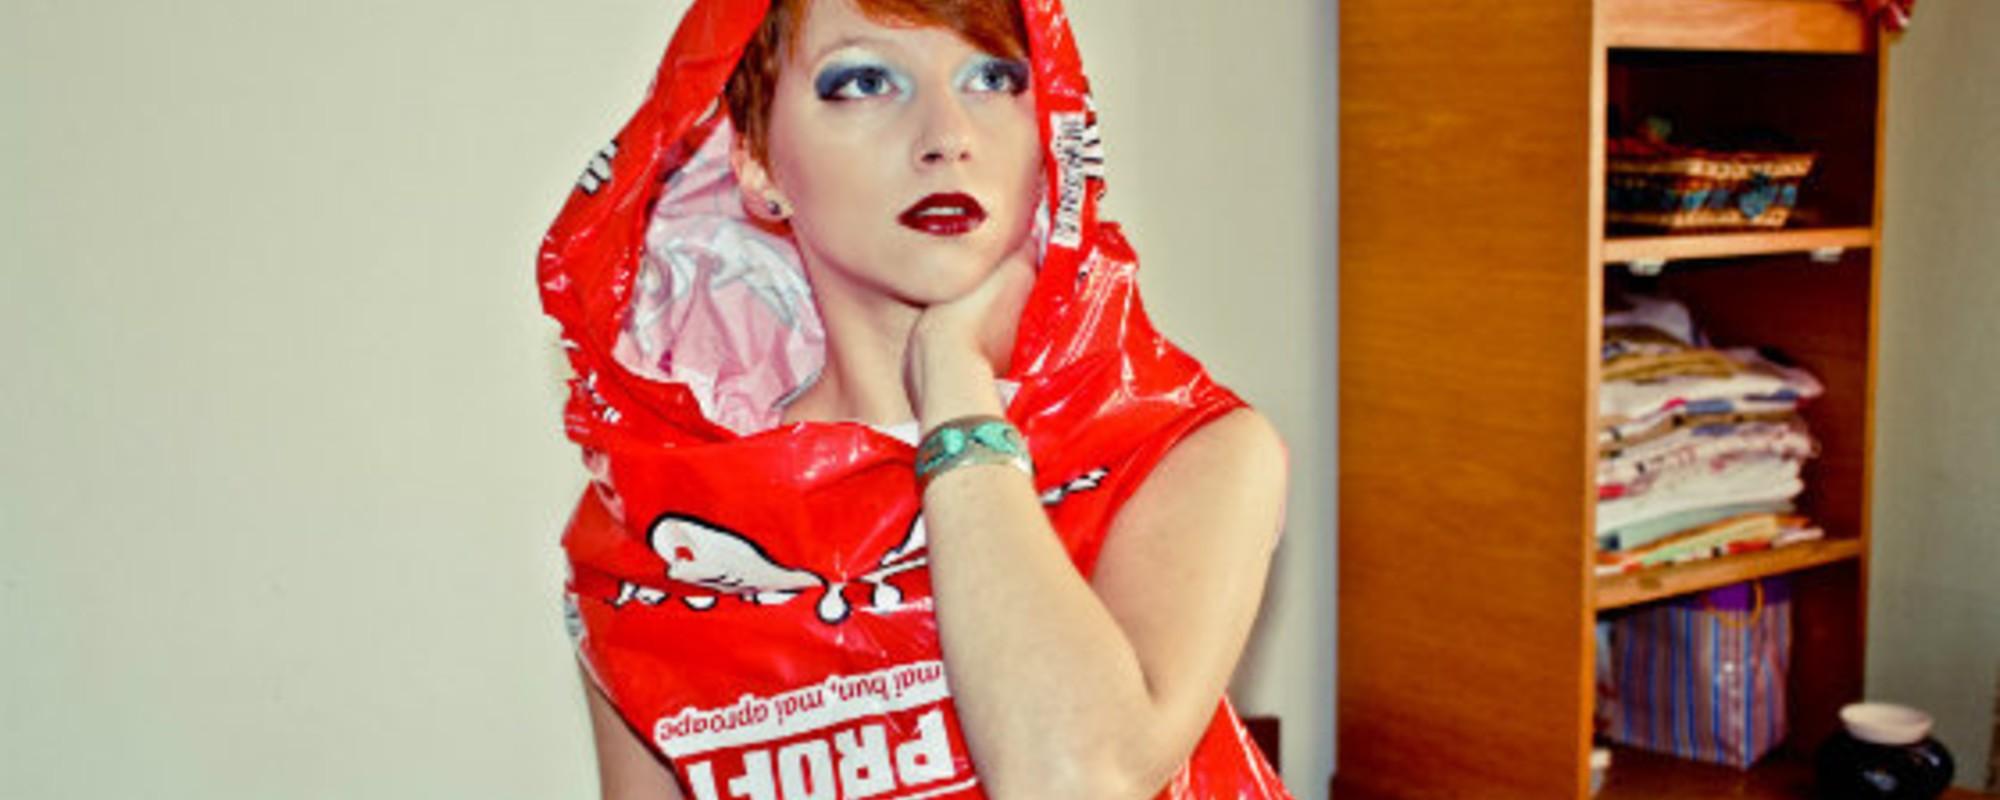 Fotografiile astea îți arată obsesia ciudată a românilor pentru pungile de plastic